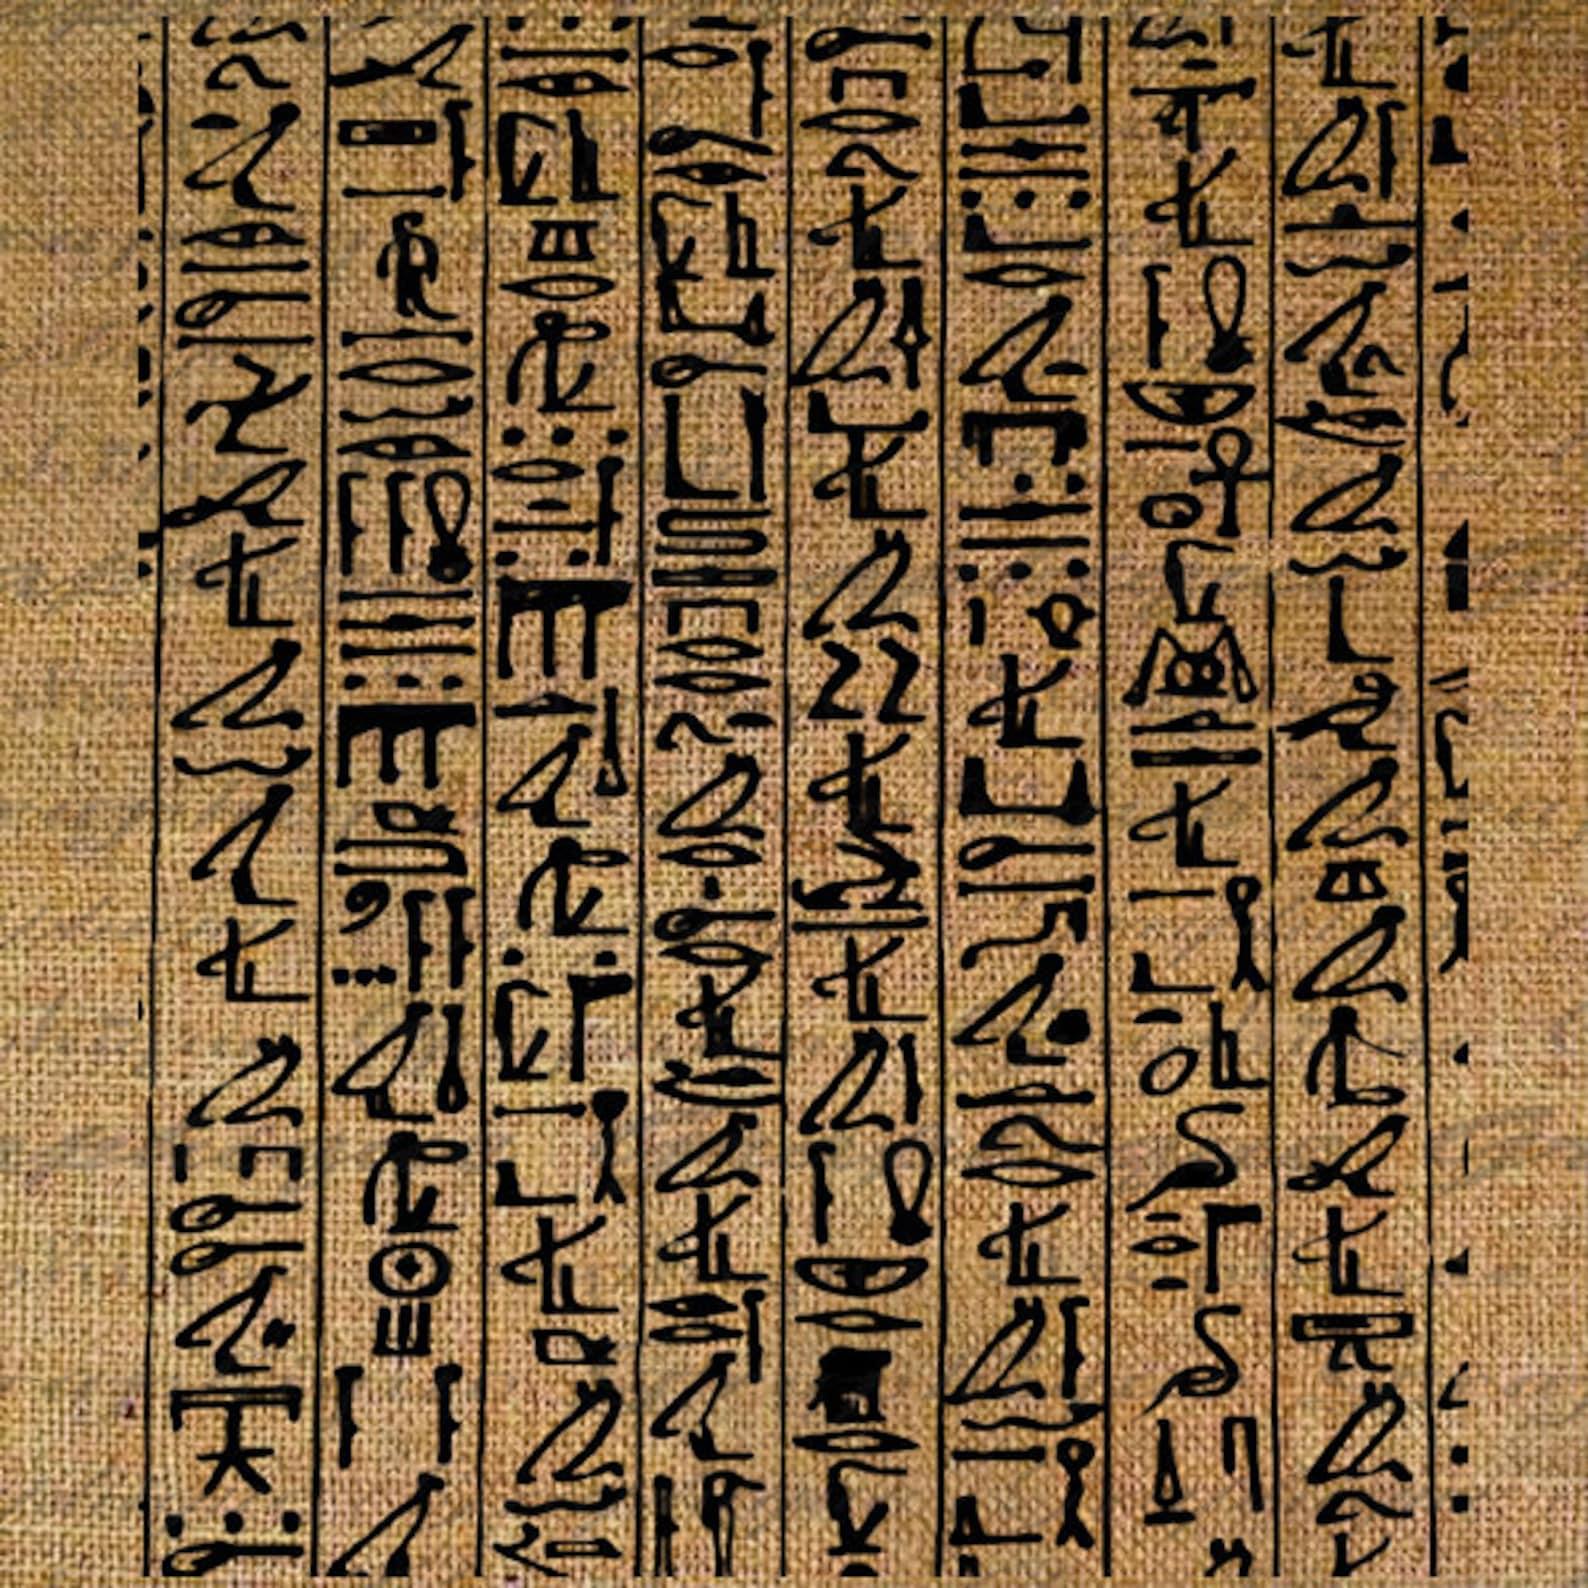 Письменность древнего египта картинки